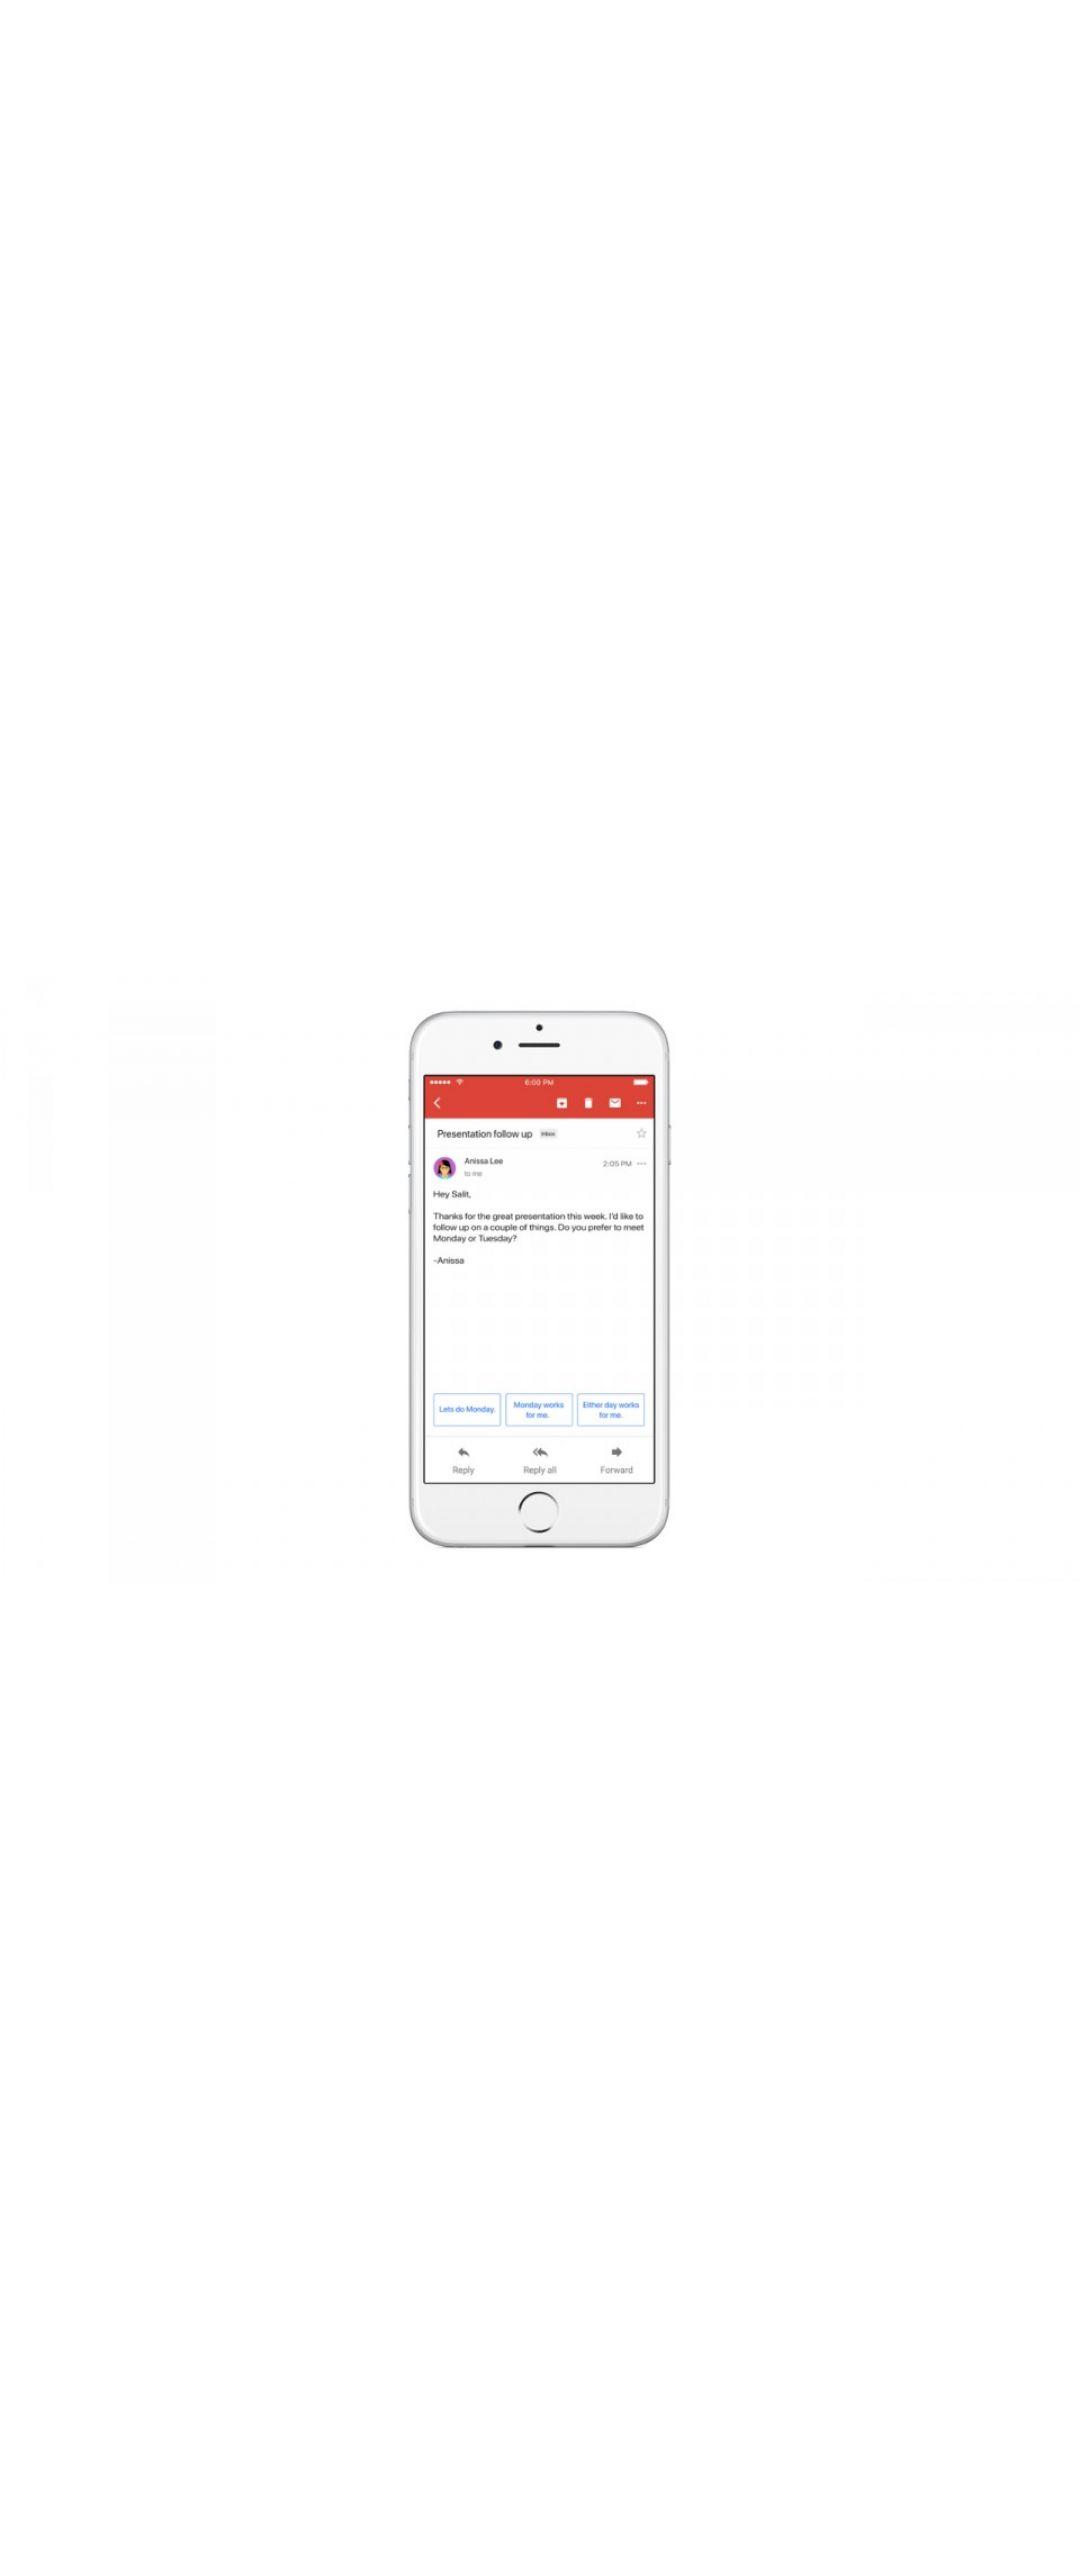 Gmail también tendrá respuestas inteligentes #IO2017